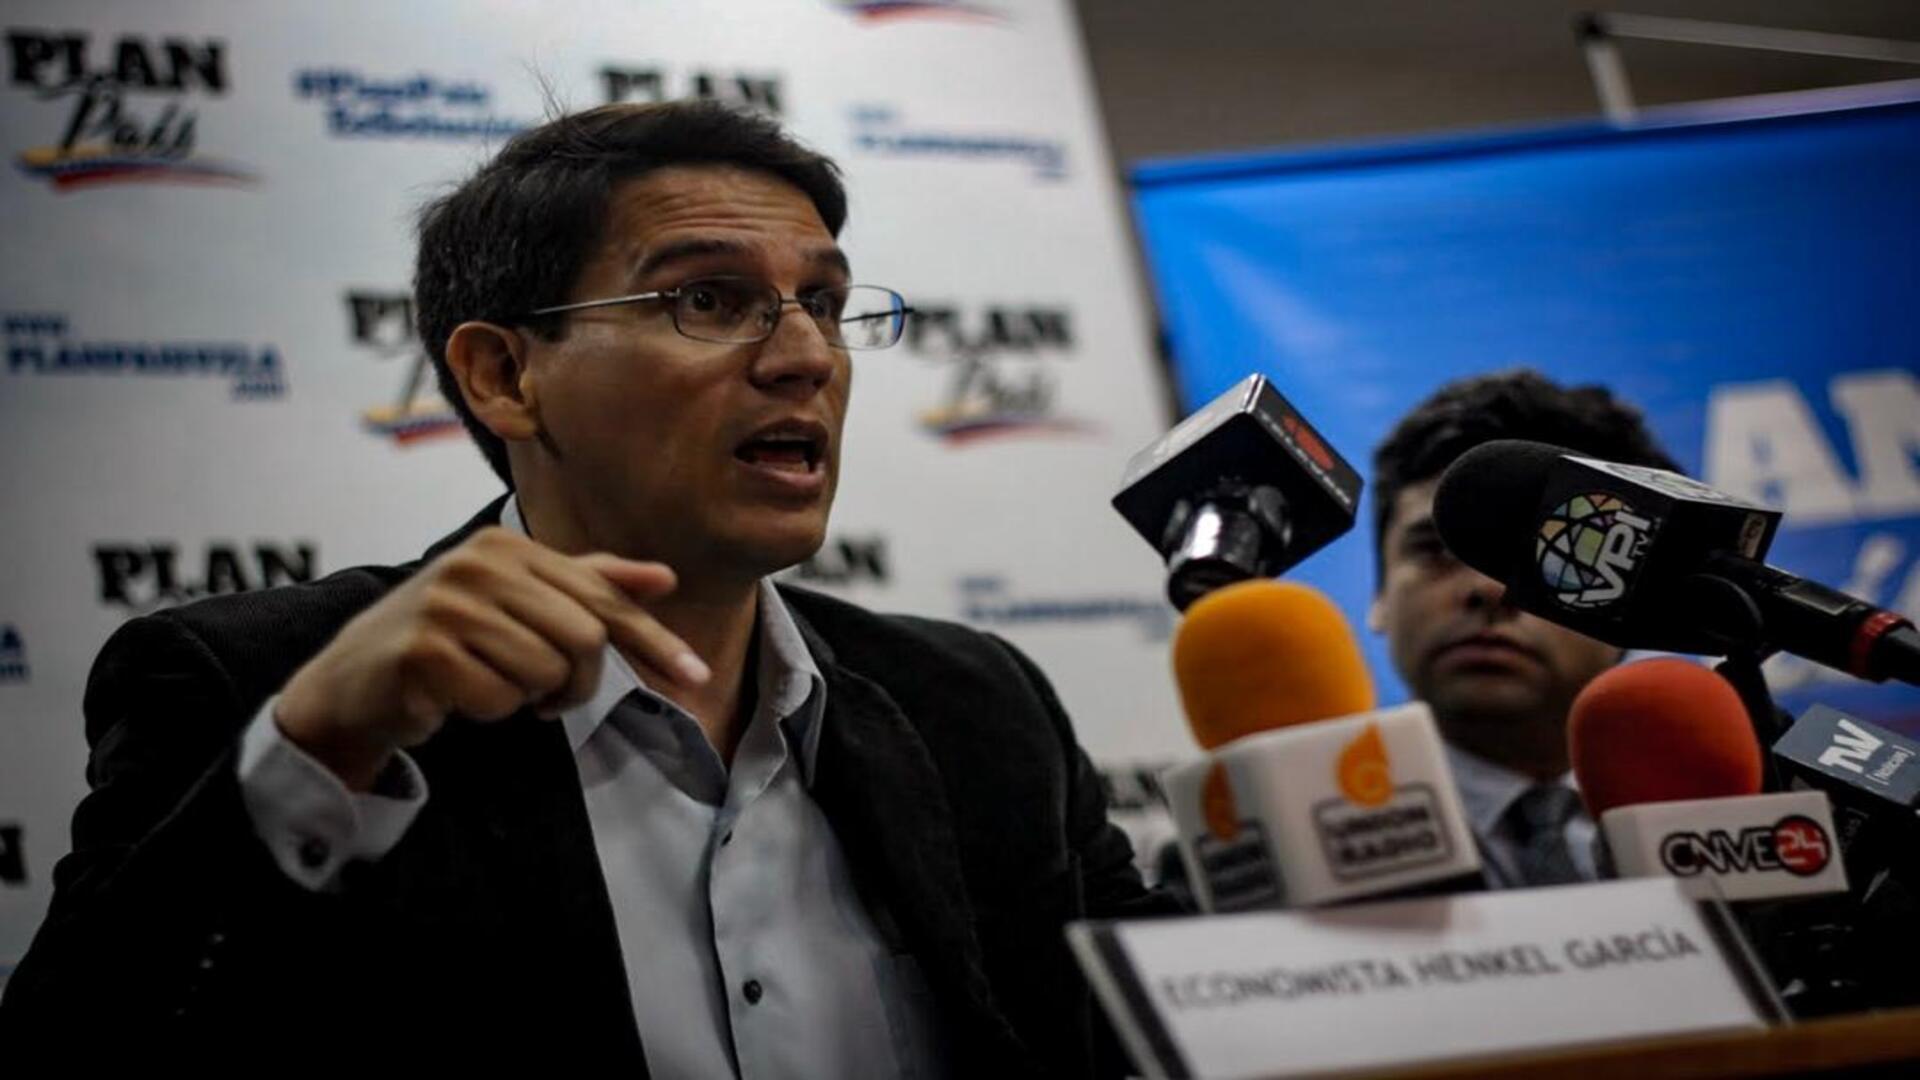 Economista Henkel García ve con buenos ojos el Plan País propuesto por la AN